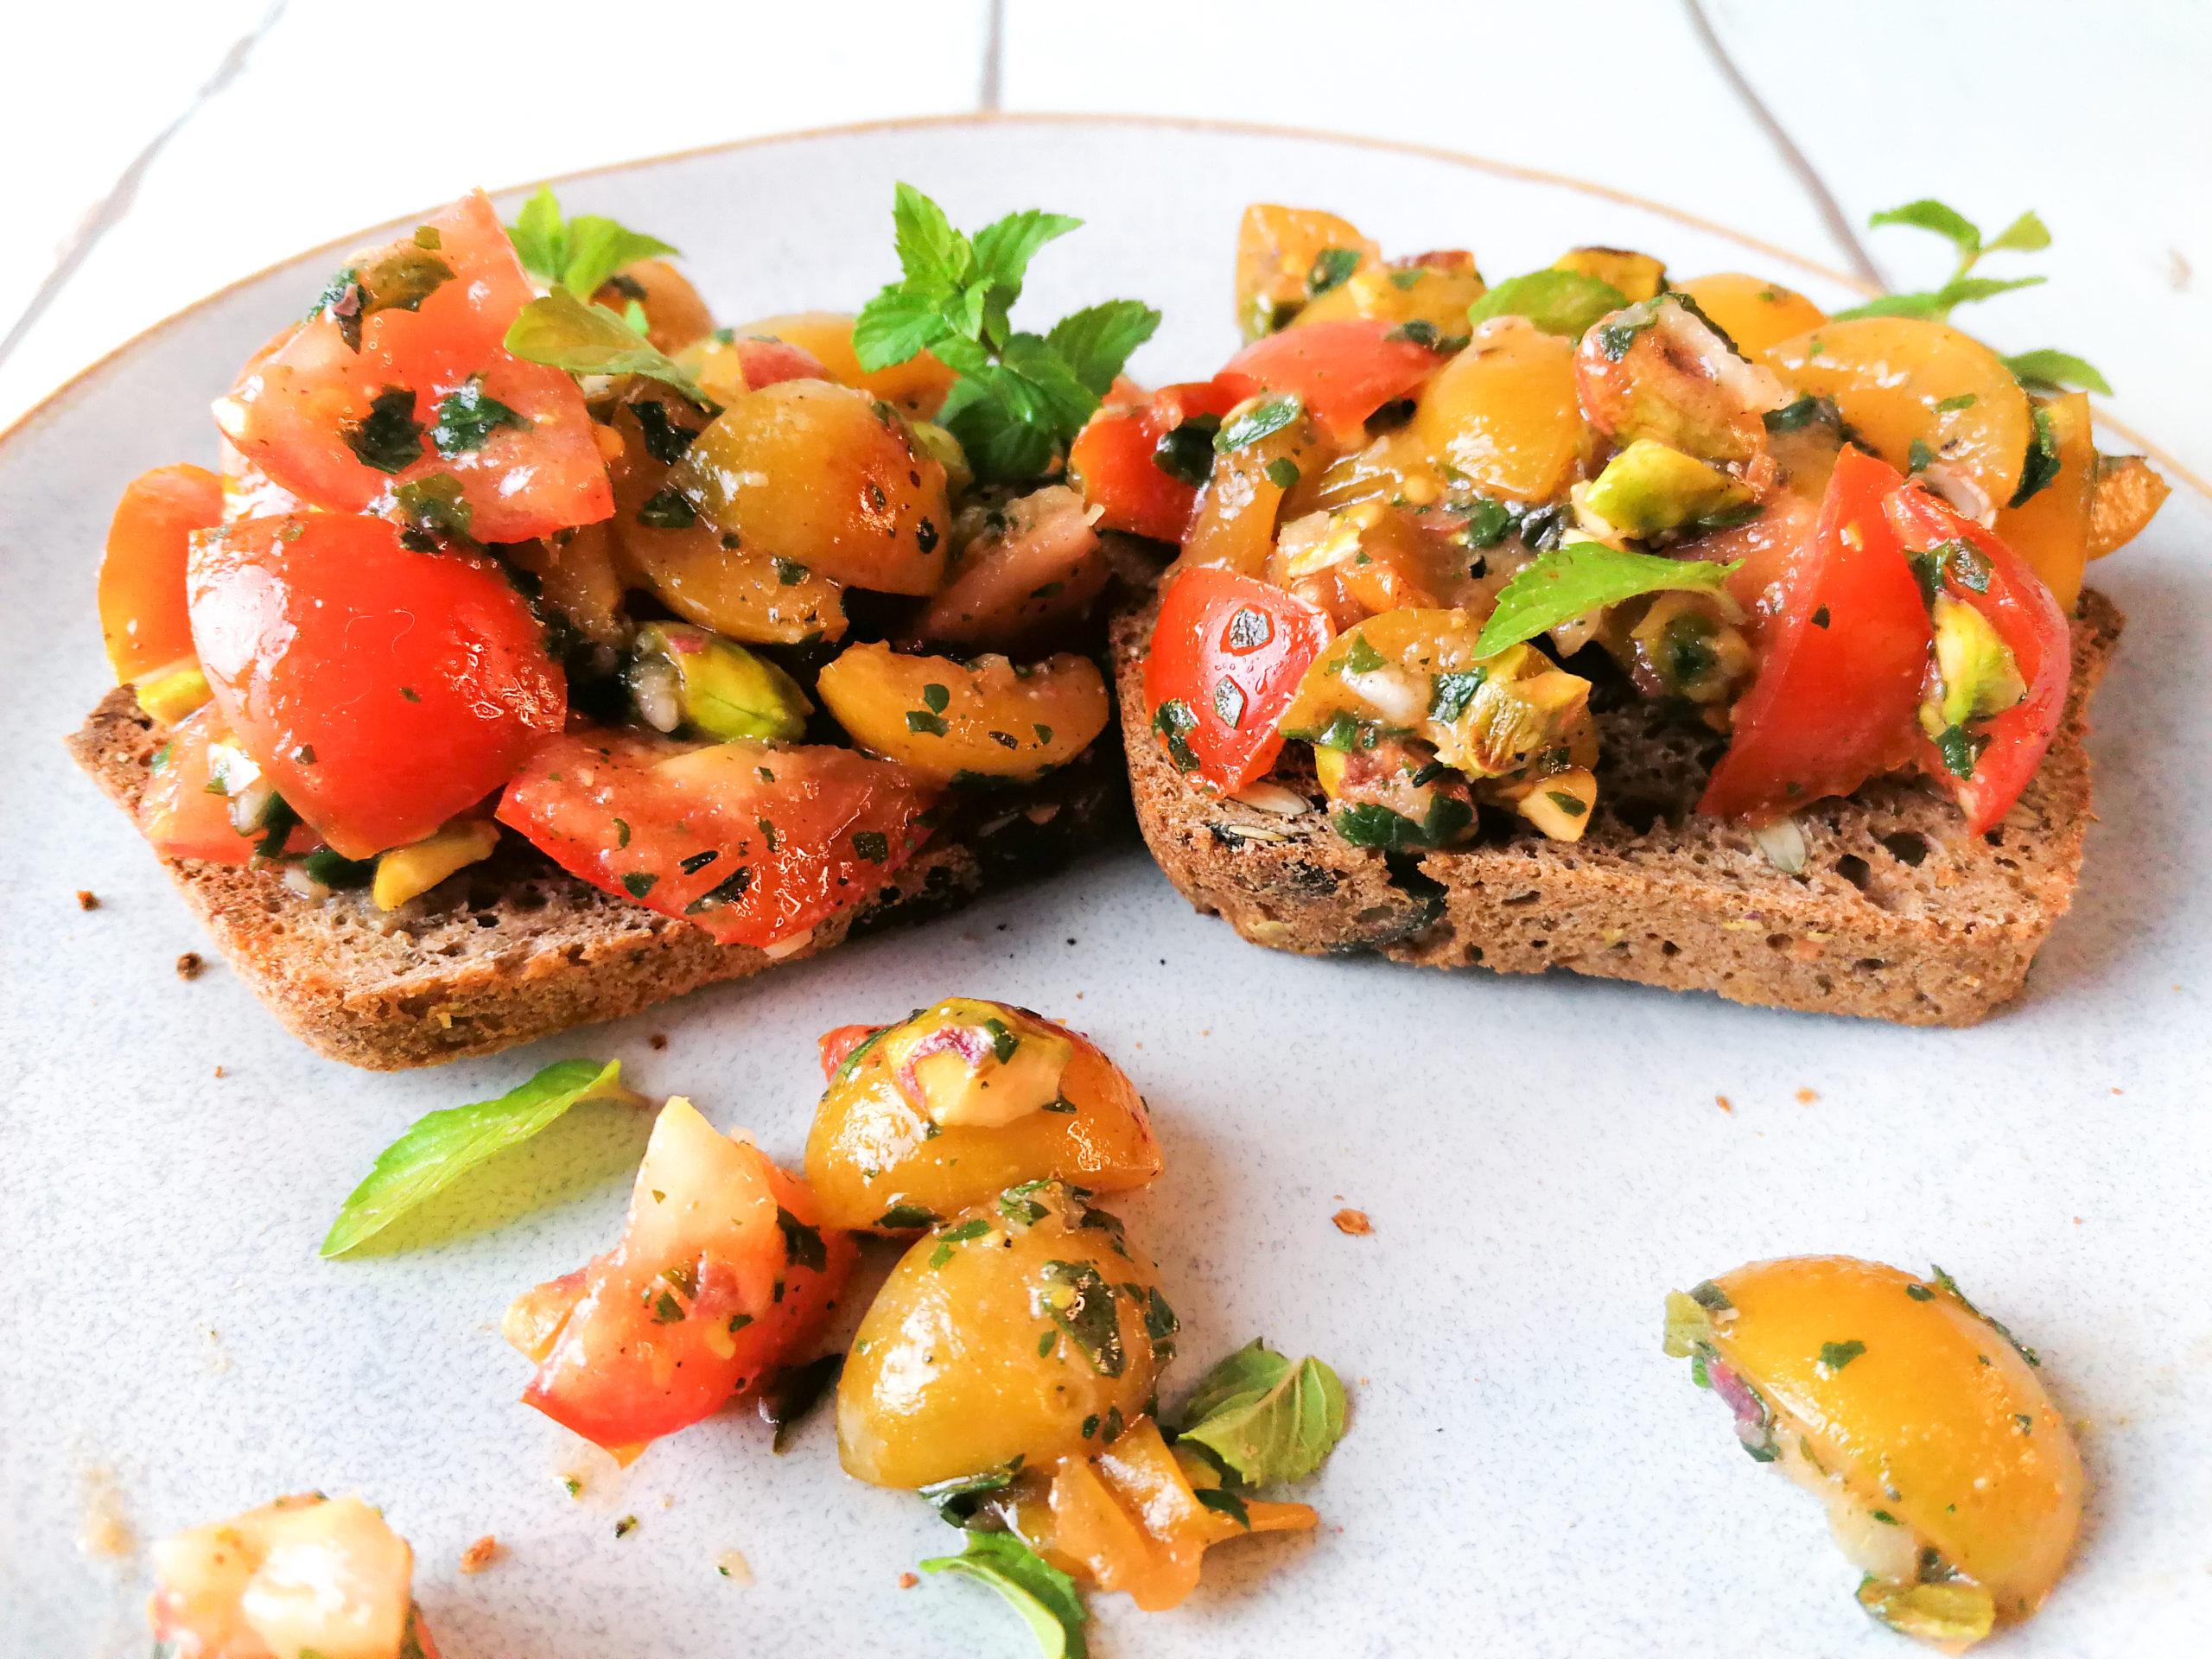 Spätspmmerliches Mirabellen- Tomaten Bruschetta